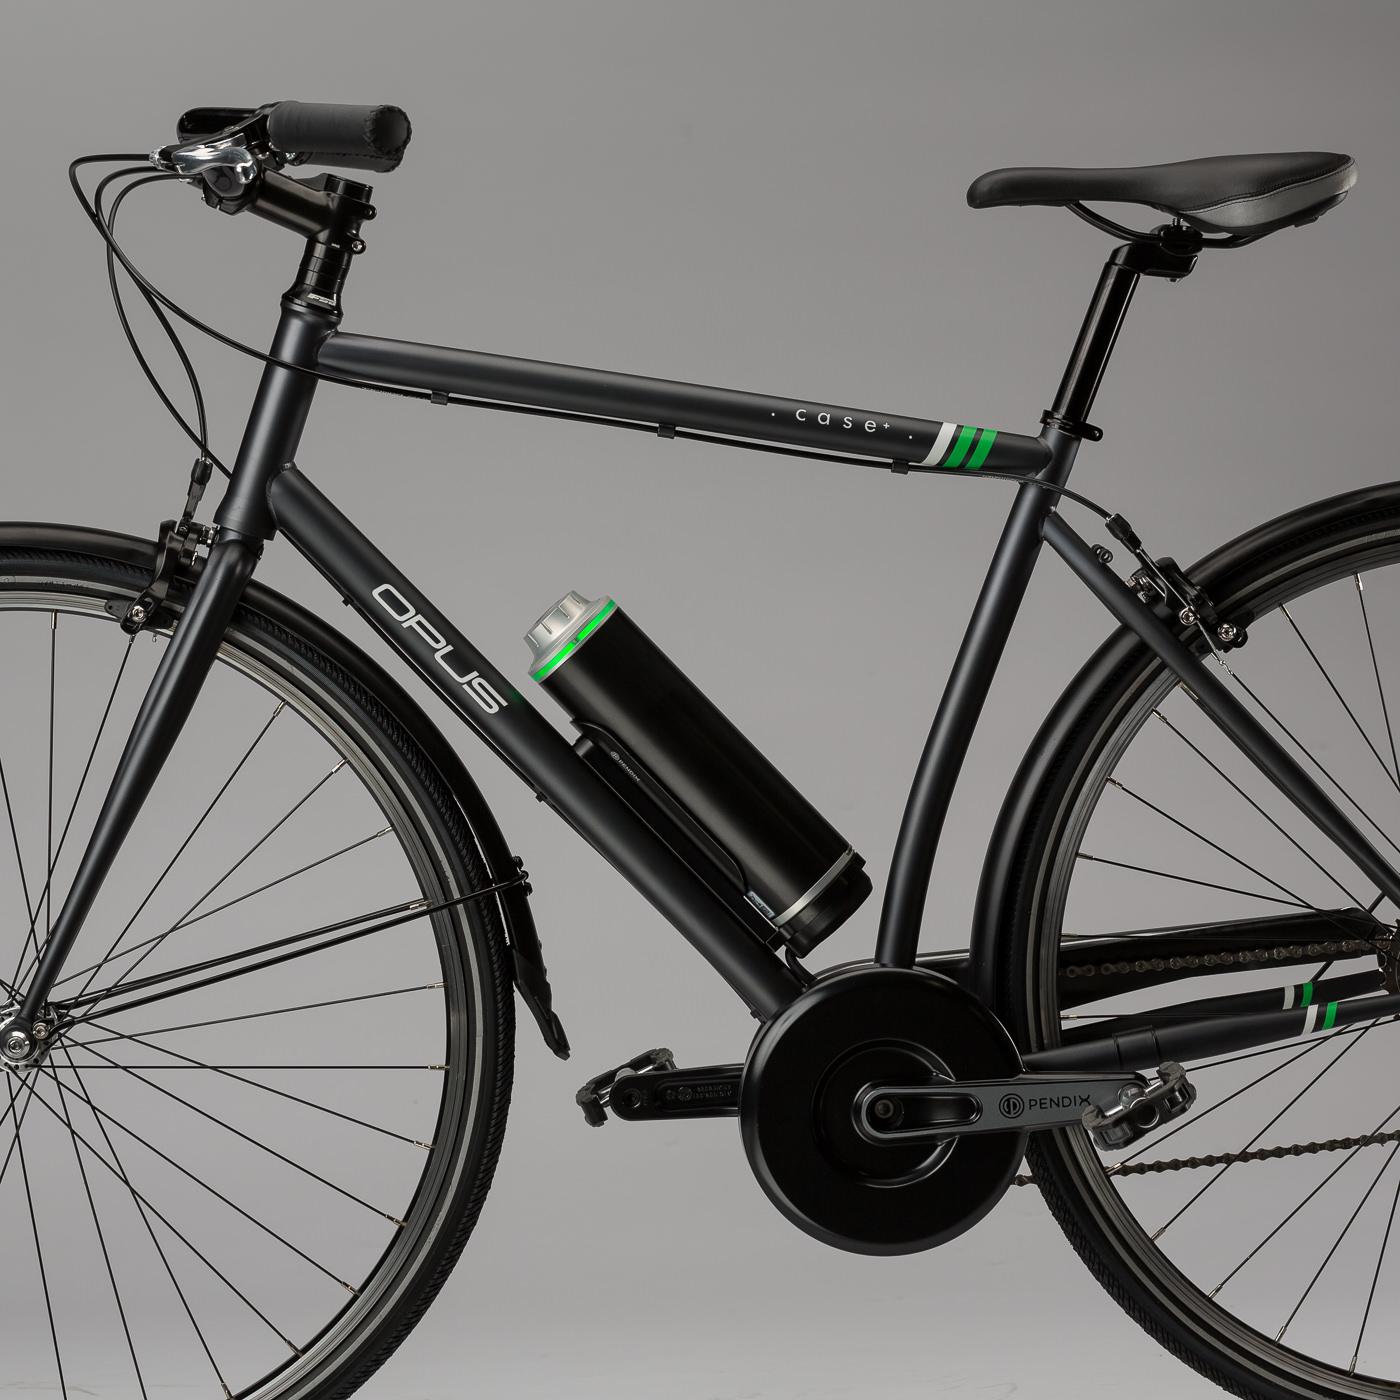 Vélo électrique Opus bike modele case noir